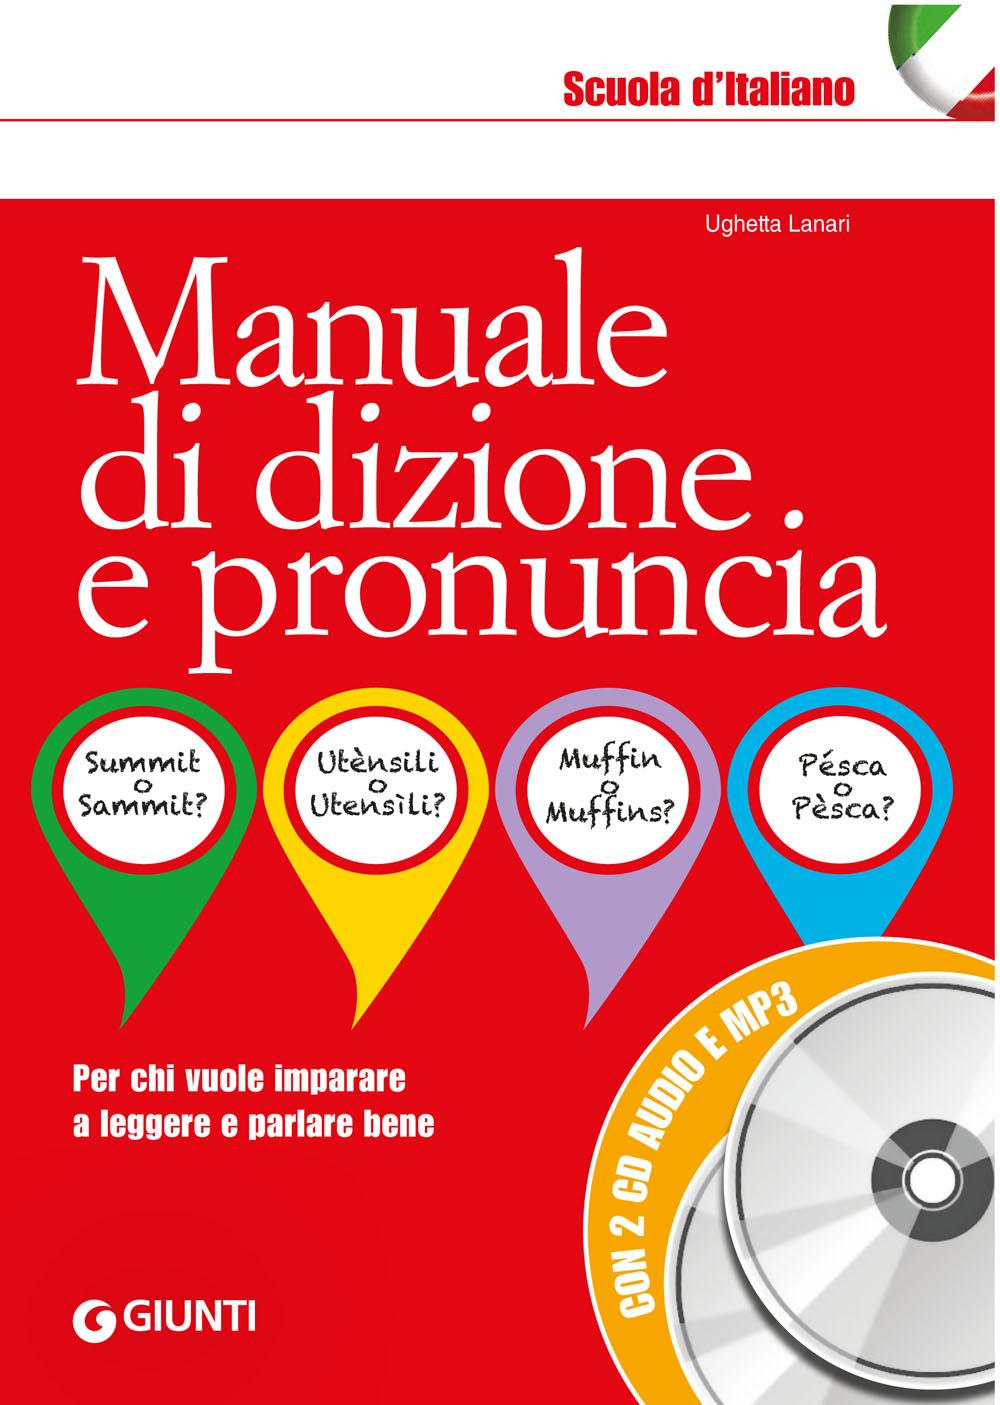 Manuale di dizione e pronuncia + 2 CD audio e MP3